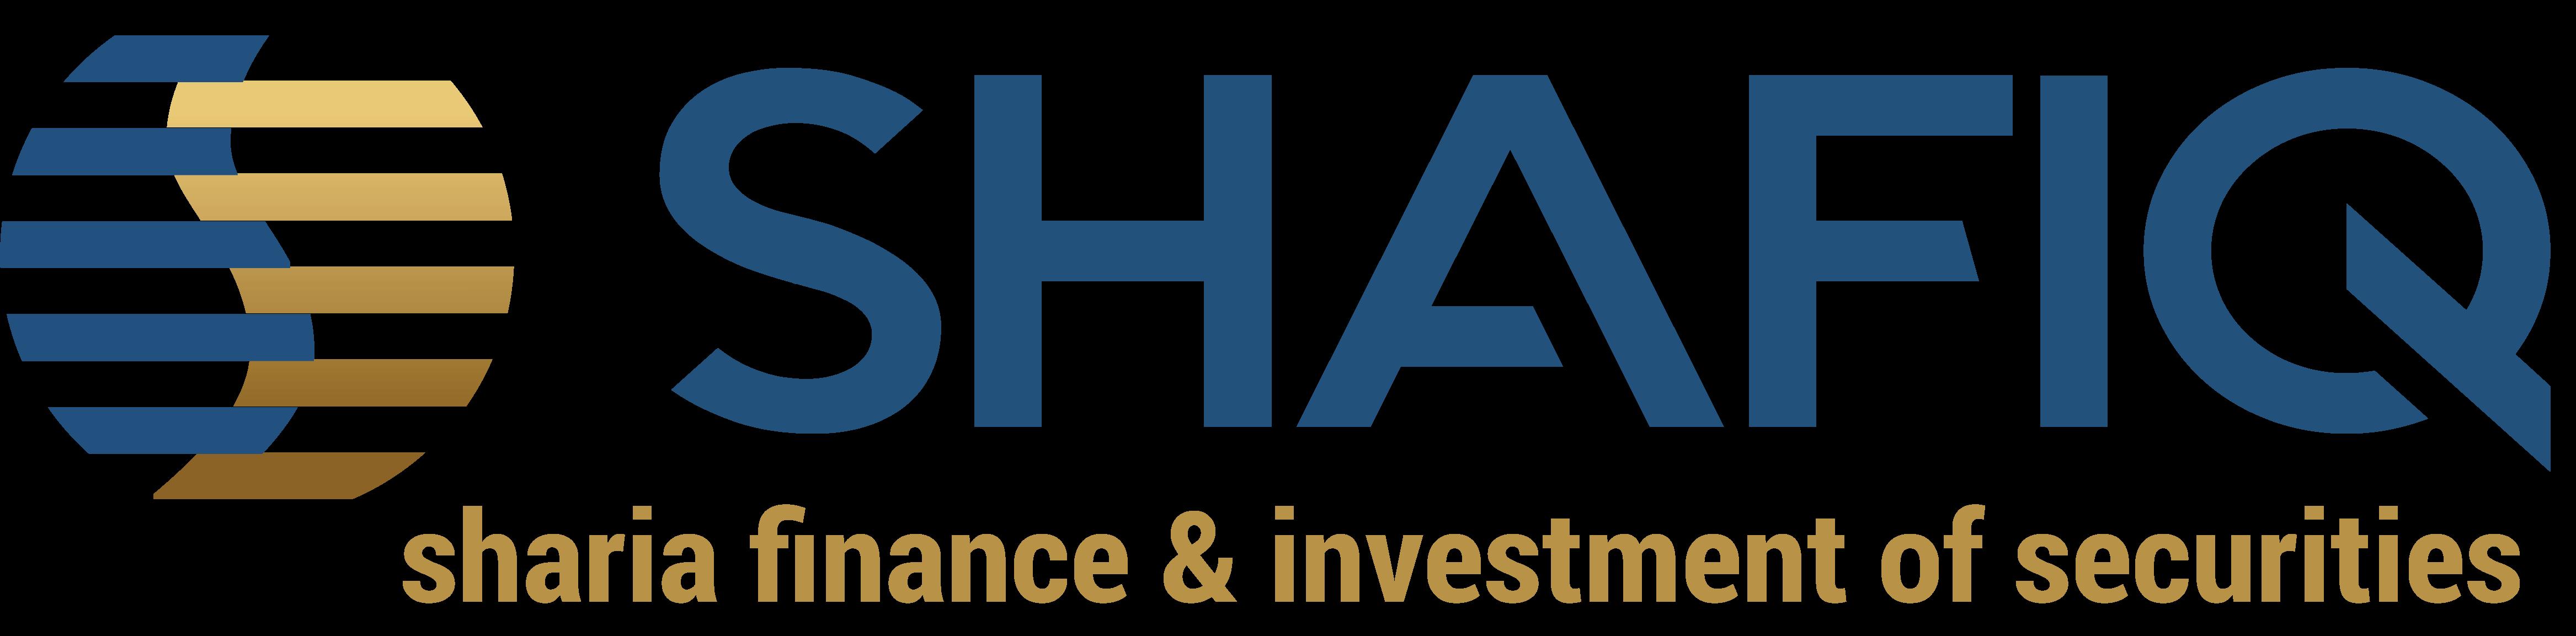 shafiq-logo